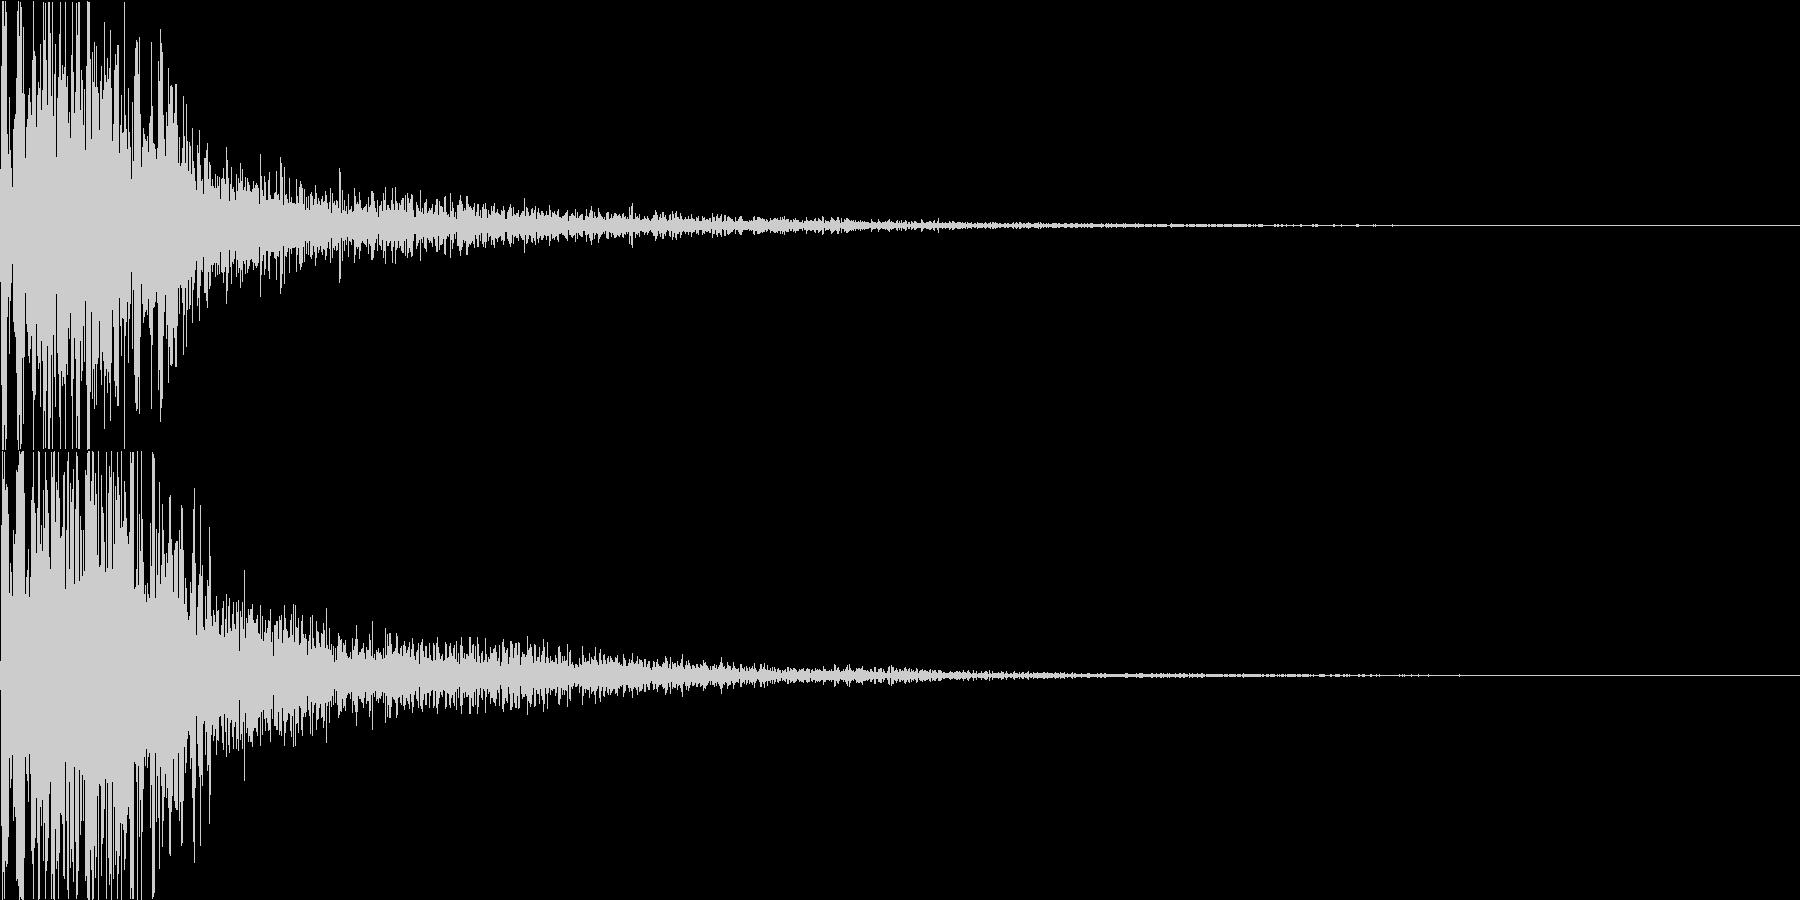 ジャン(オーケストラヒット 低め)の未再生の波形